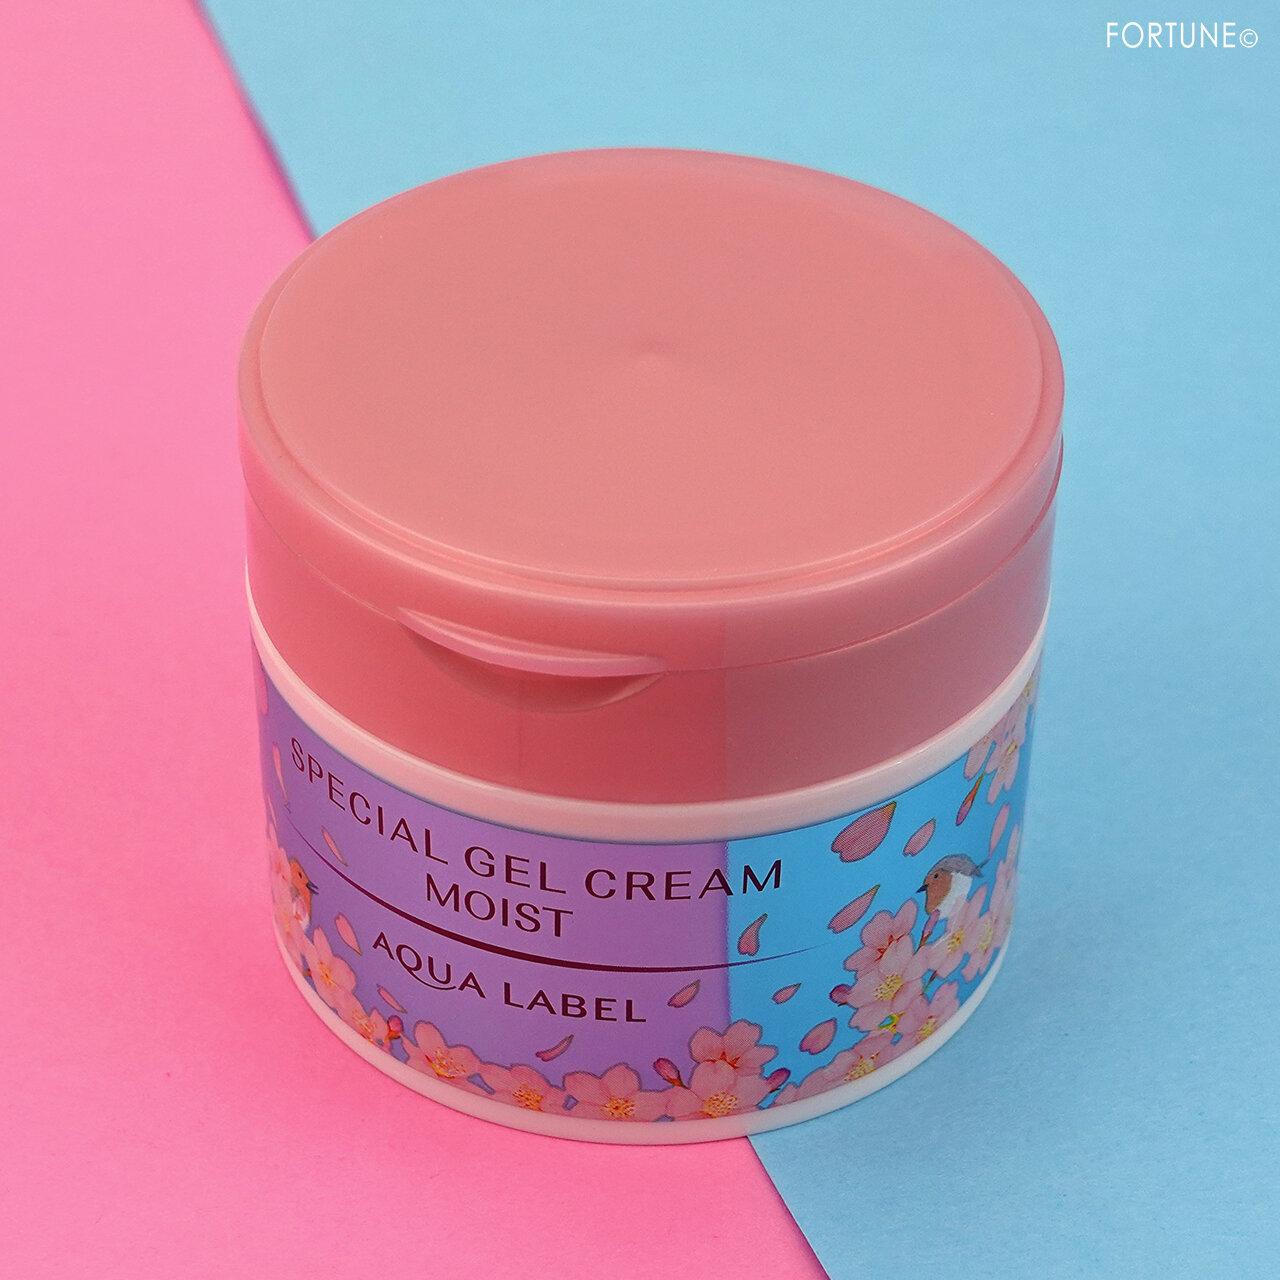 アクアレーベル「スペシャルジェルクリーム N(モイスト)S/心和らぐ桜の香り」